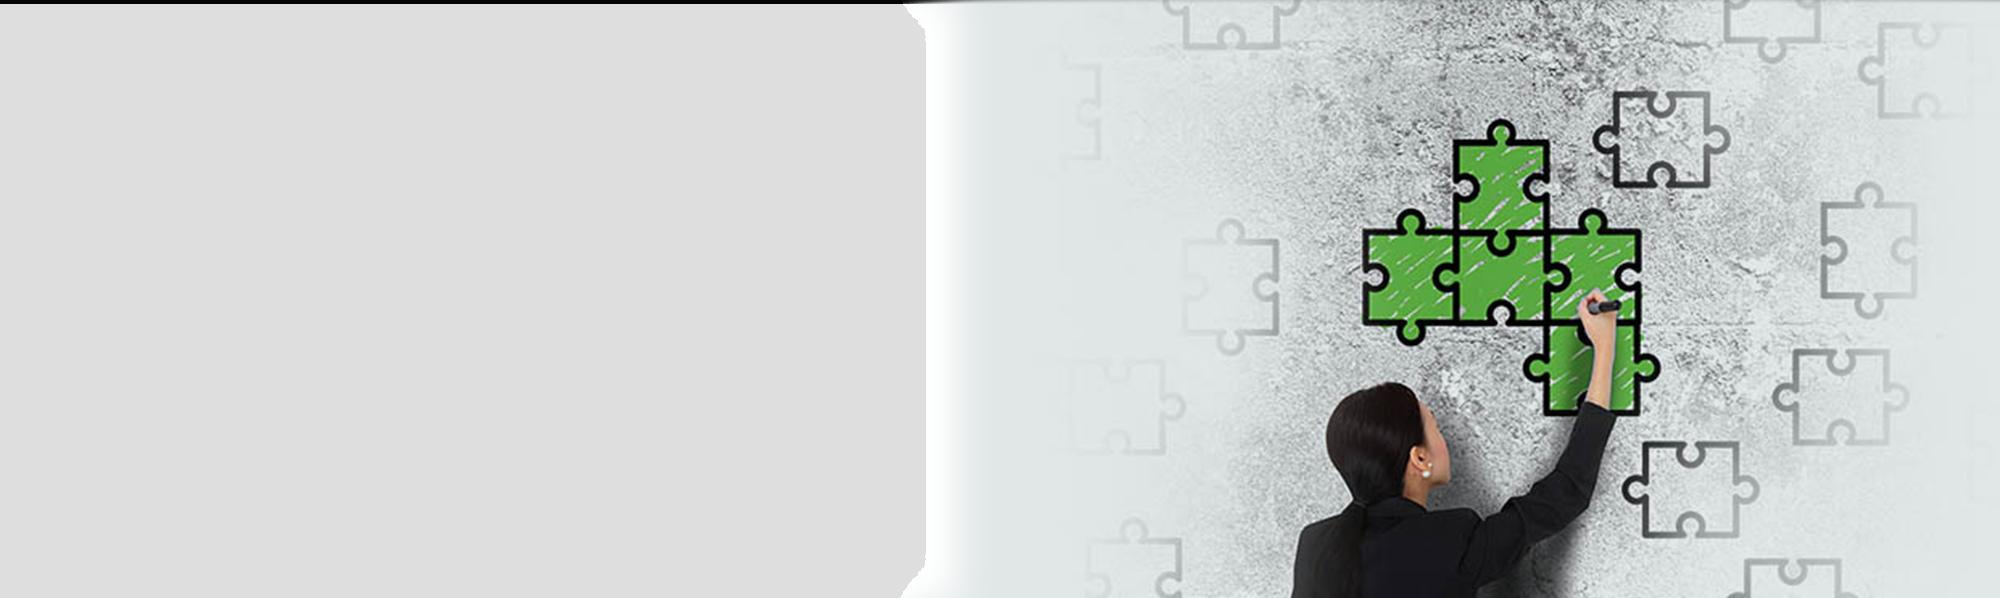 Oplossing voor geautomatiseerd Office 365-beheer en -rapportage